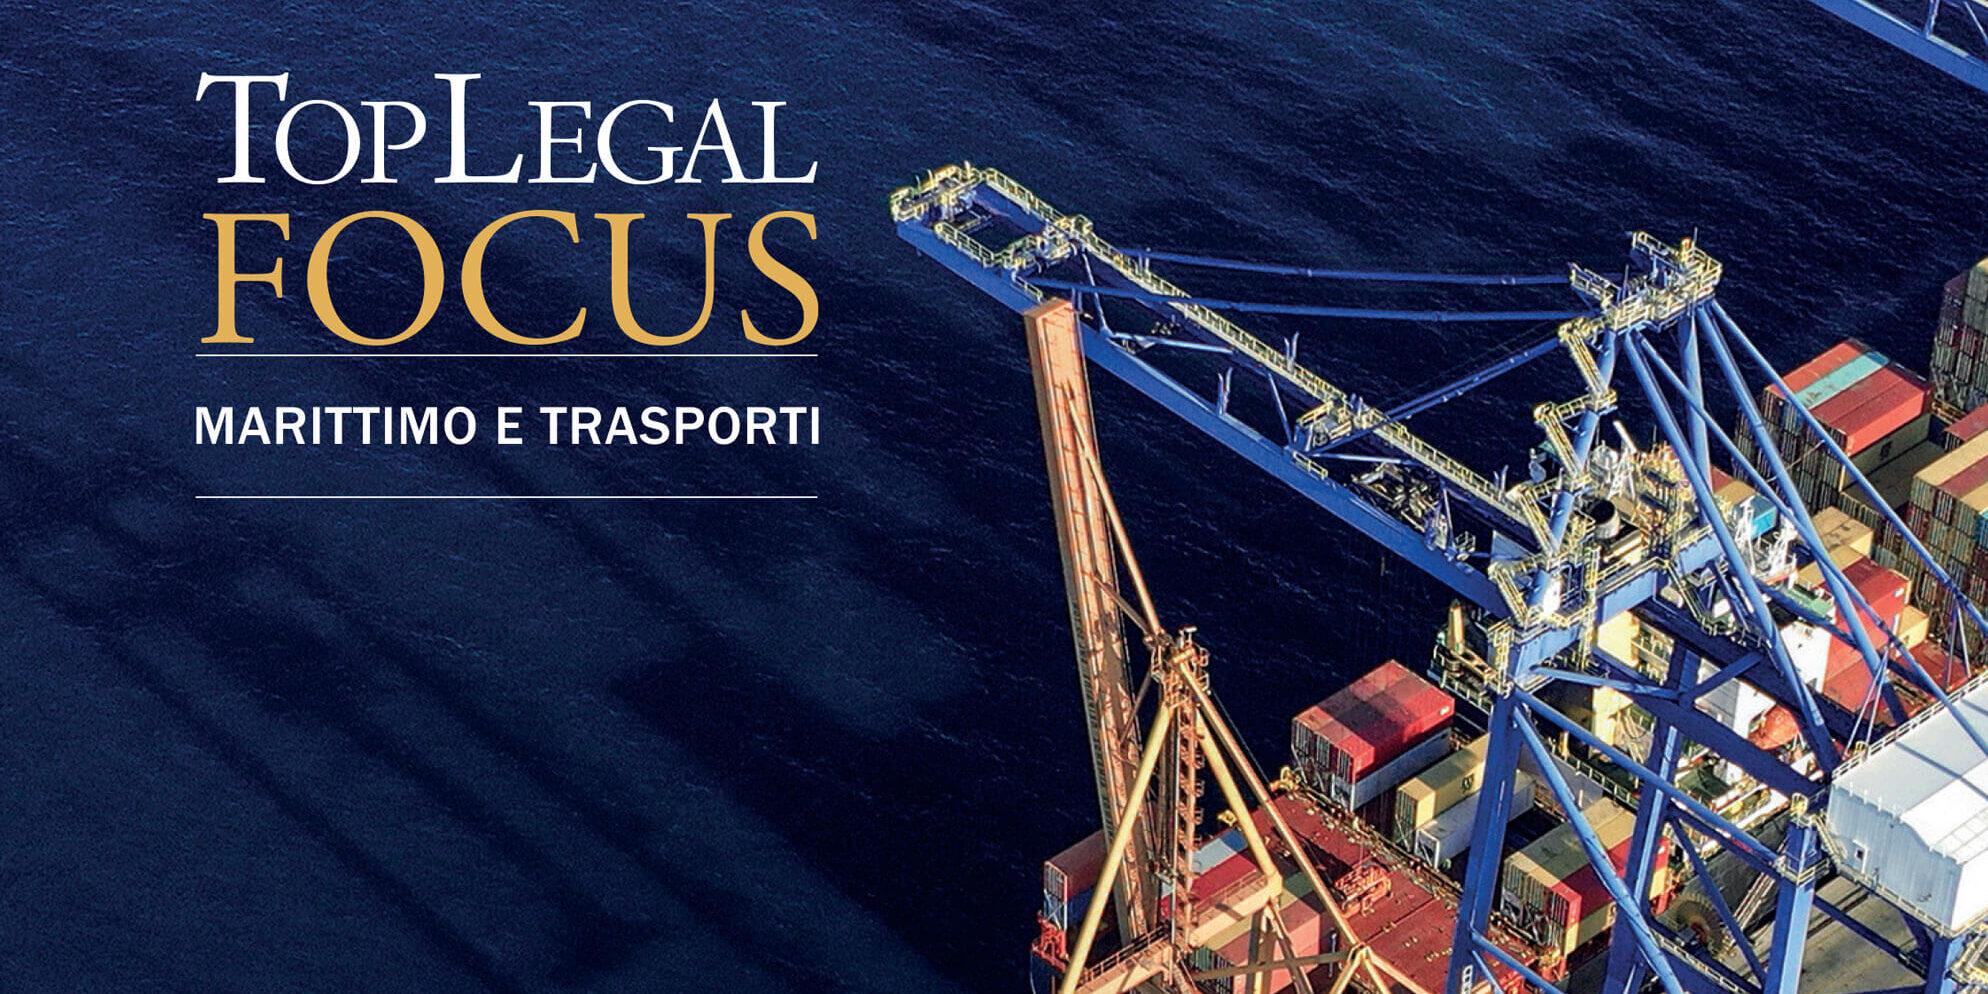 Focus Marittimo e Trasporti 2021